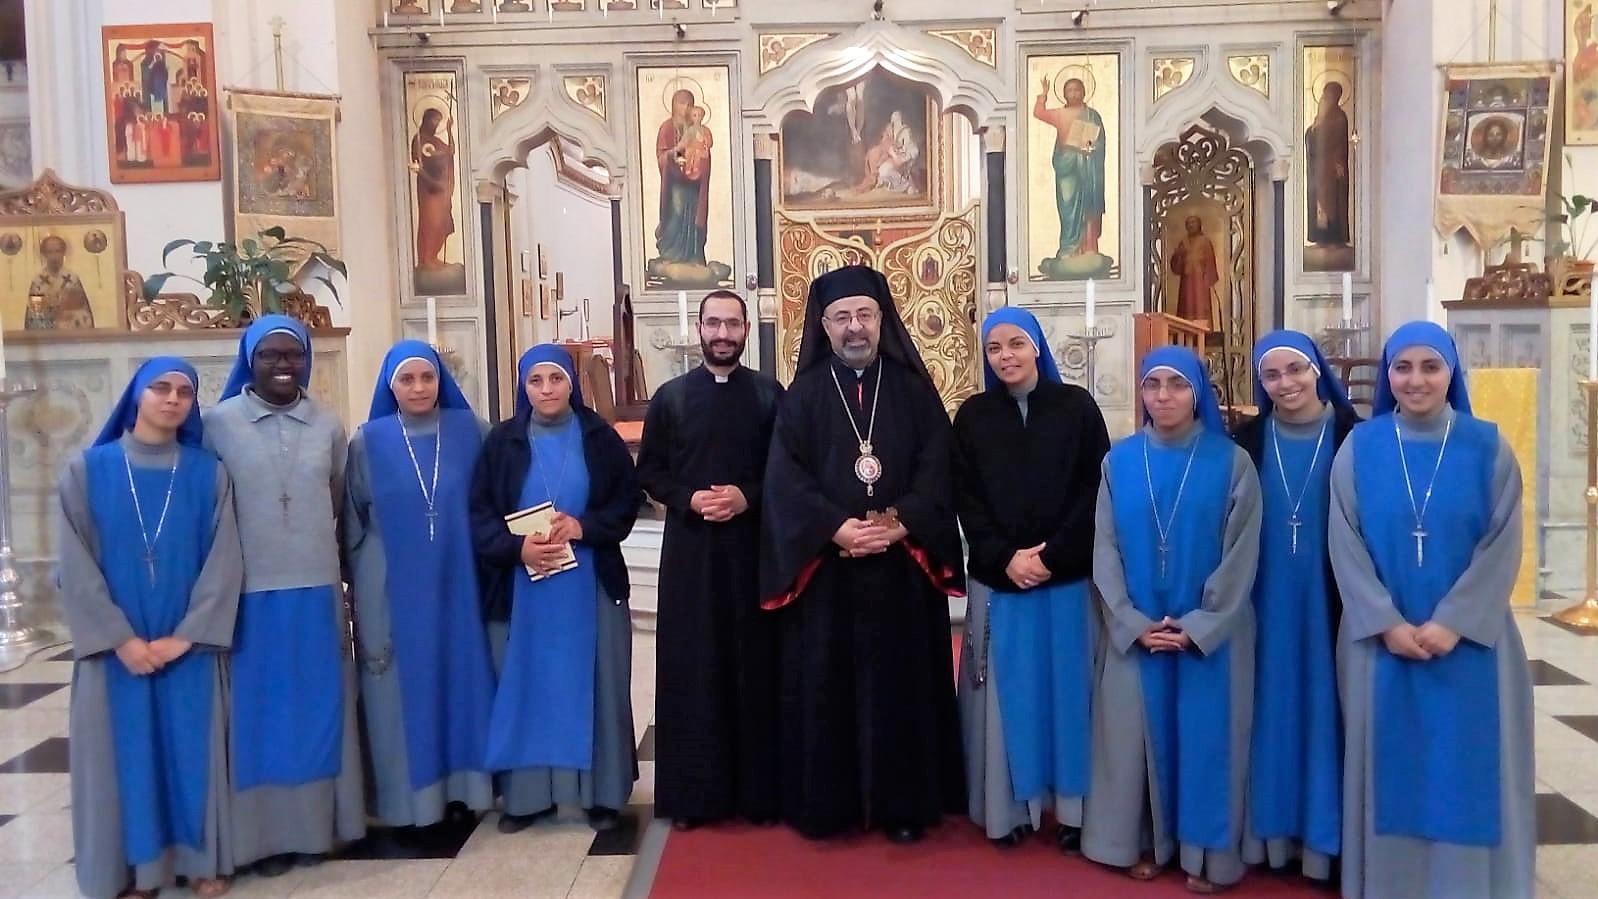 Misa con el Patriarca Copto católica en Roma